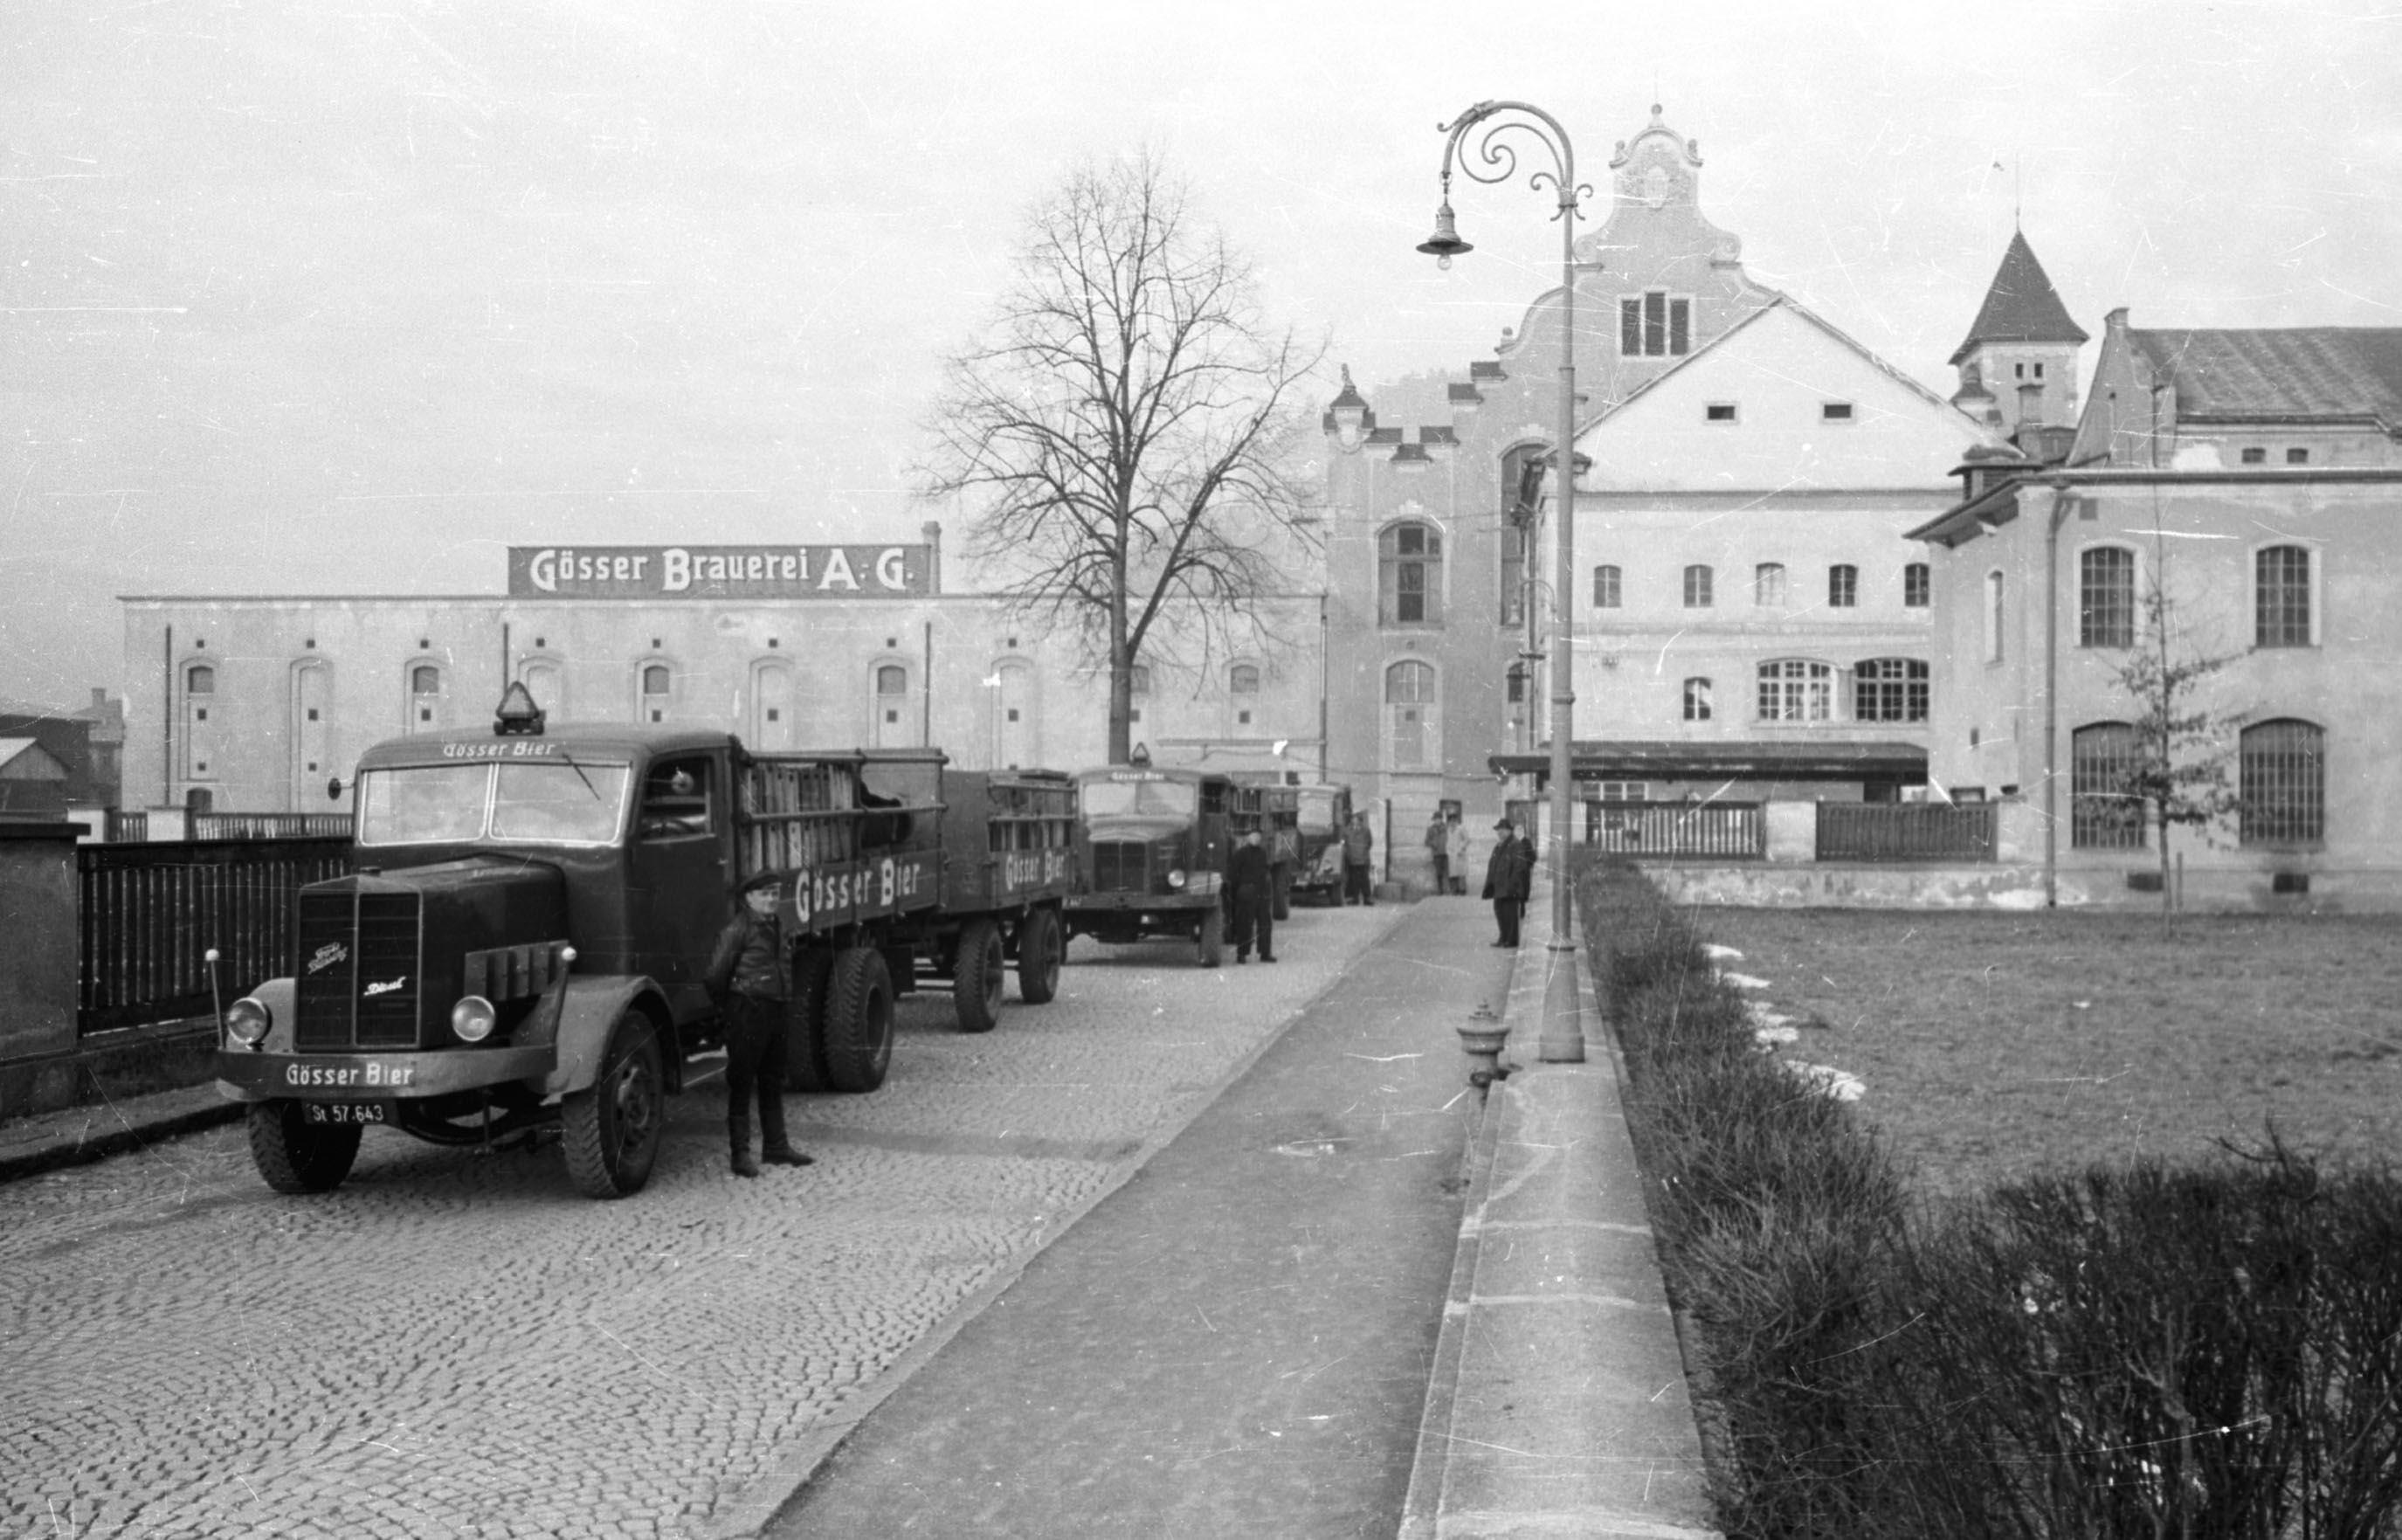 BrauUnion_Unternehmen-Geschichte_Gallery-33